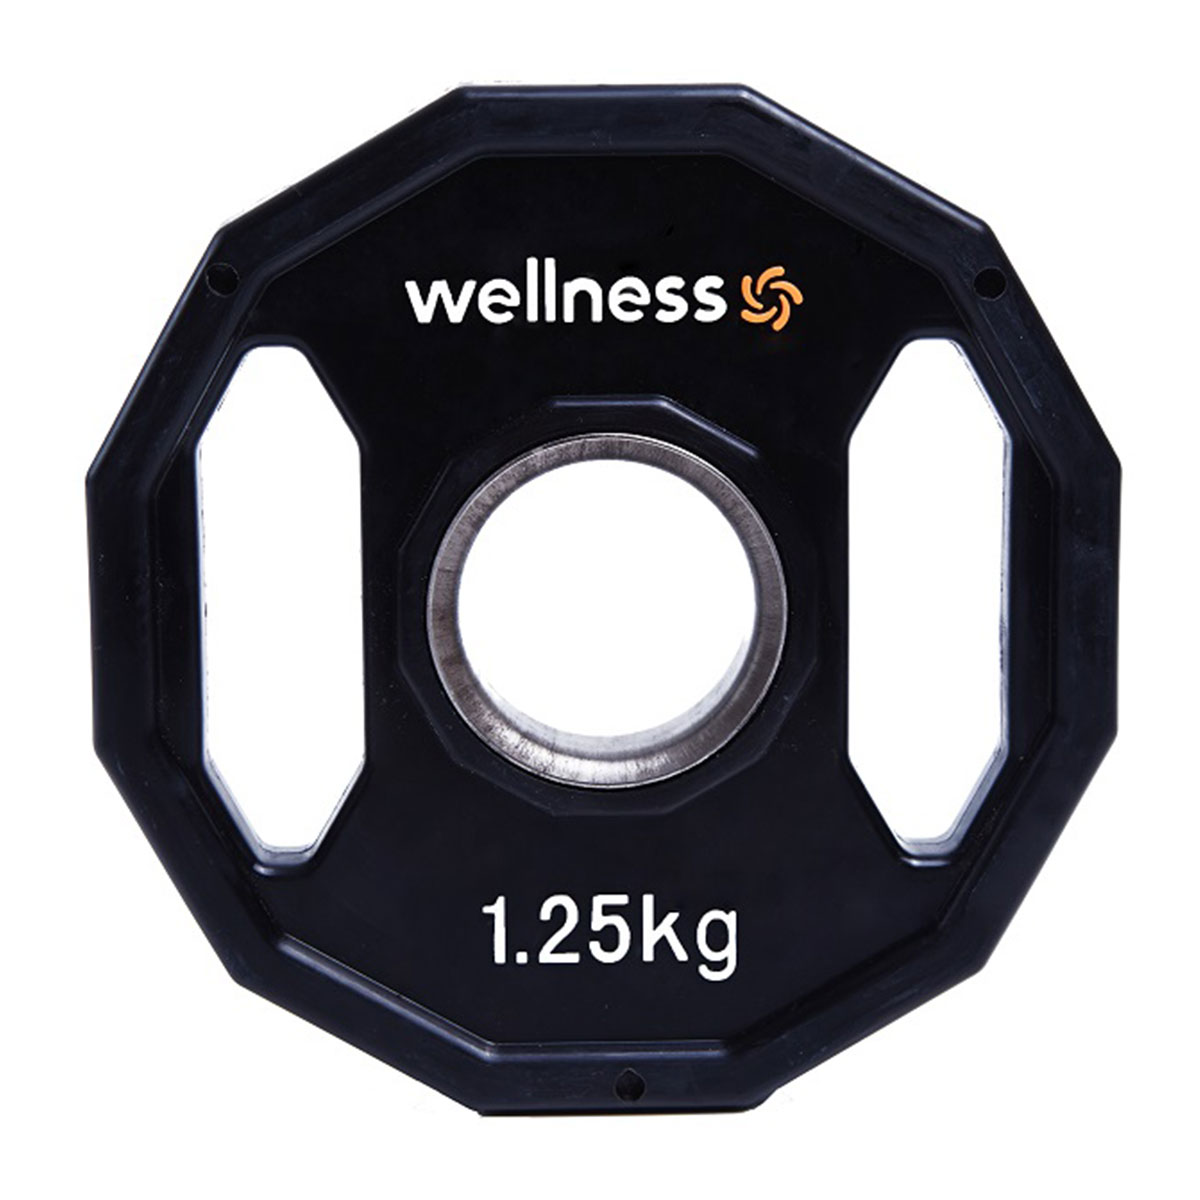 Anilha Poliuretano Furação Olímpica 12 Faces com Pegada 1,25kg Wellness